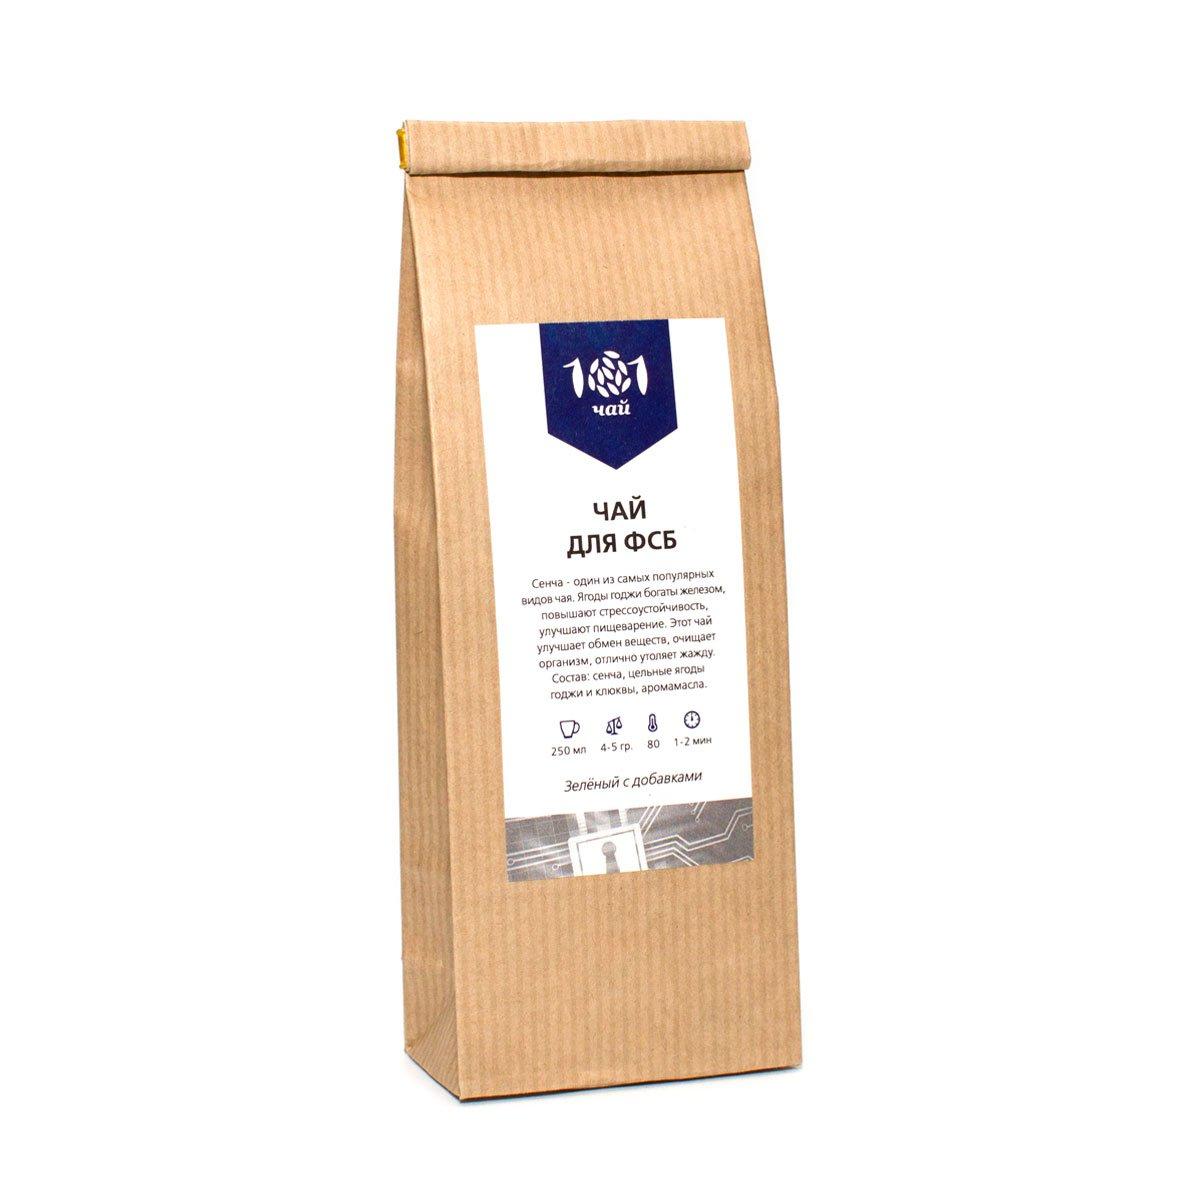 Подарочный чай для ФСБ (зеленый)